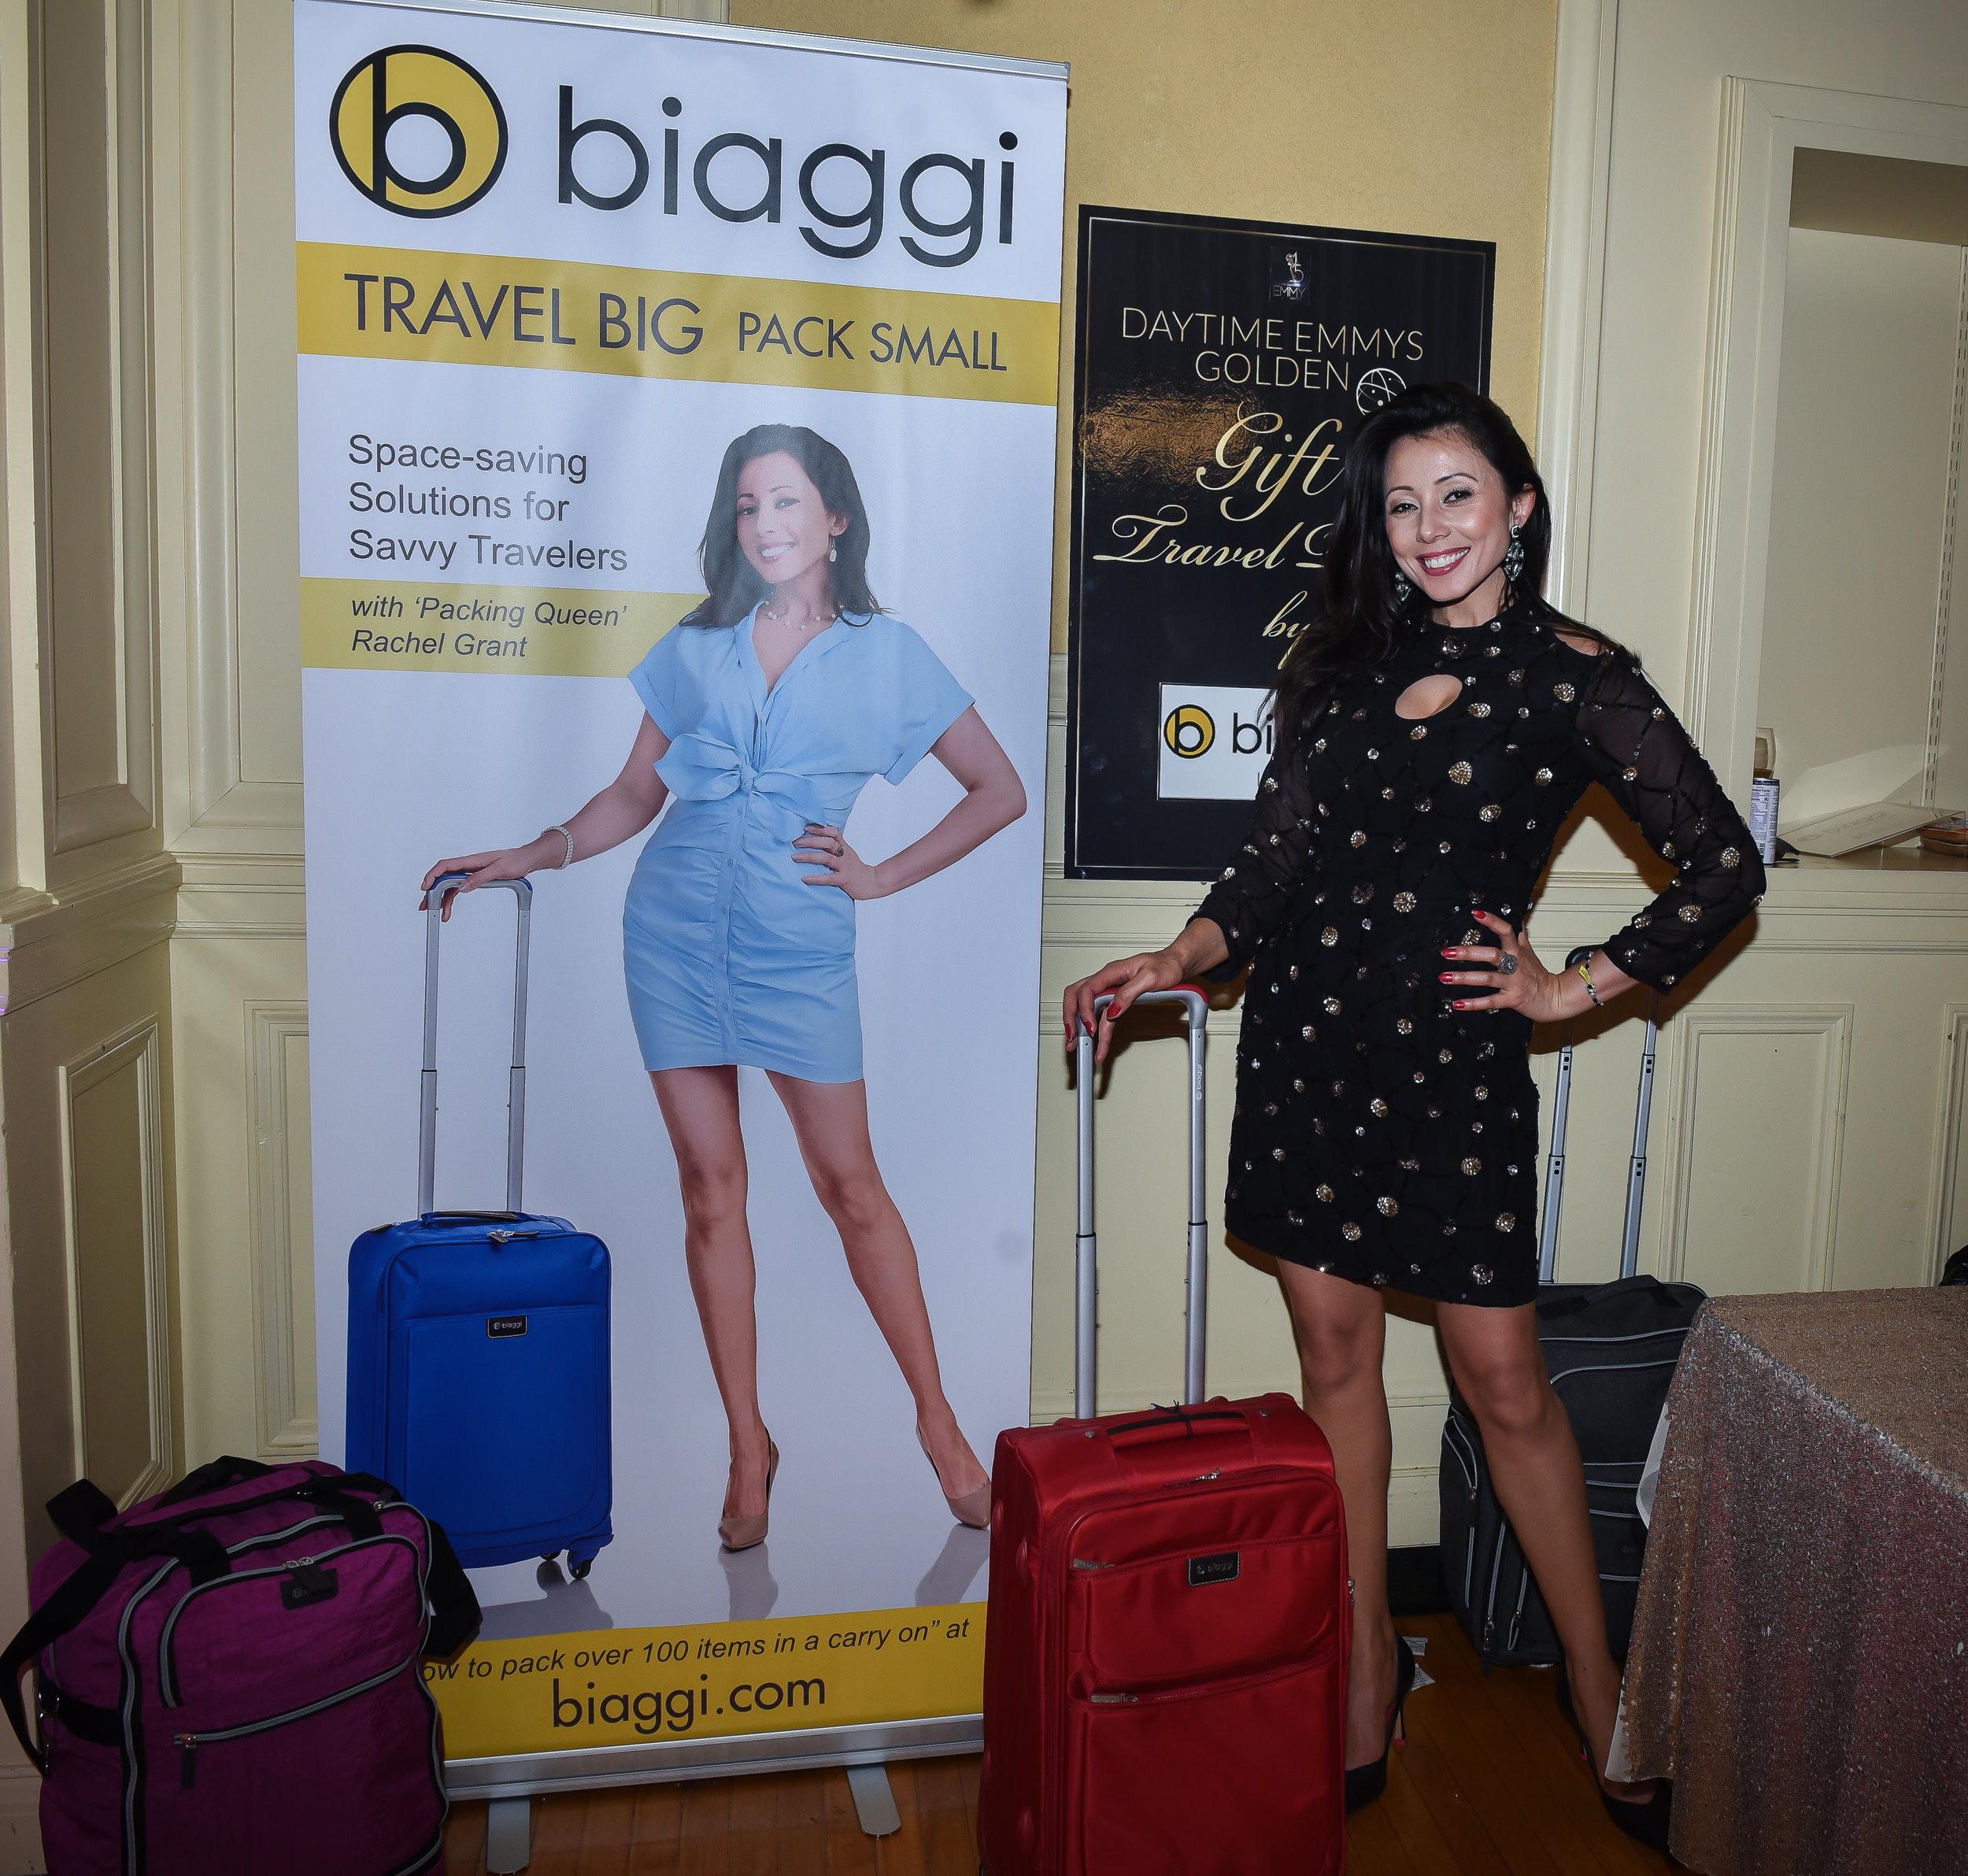 Biaggi - Packing queen Rachel Grant.jpg